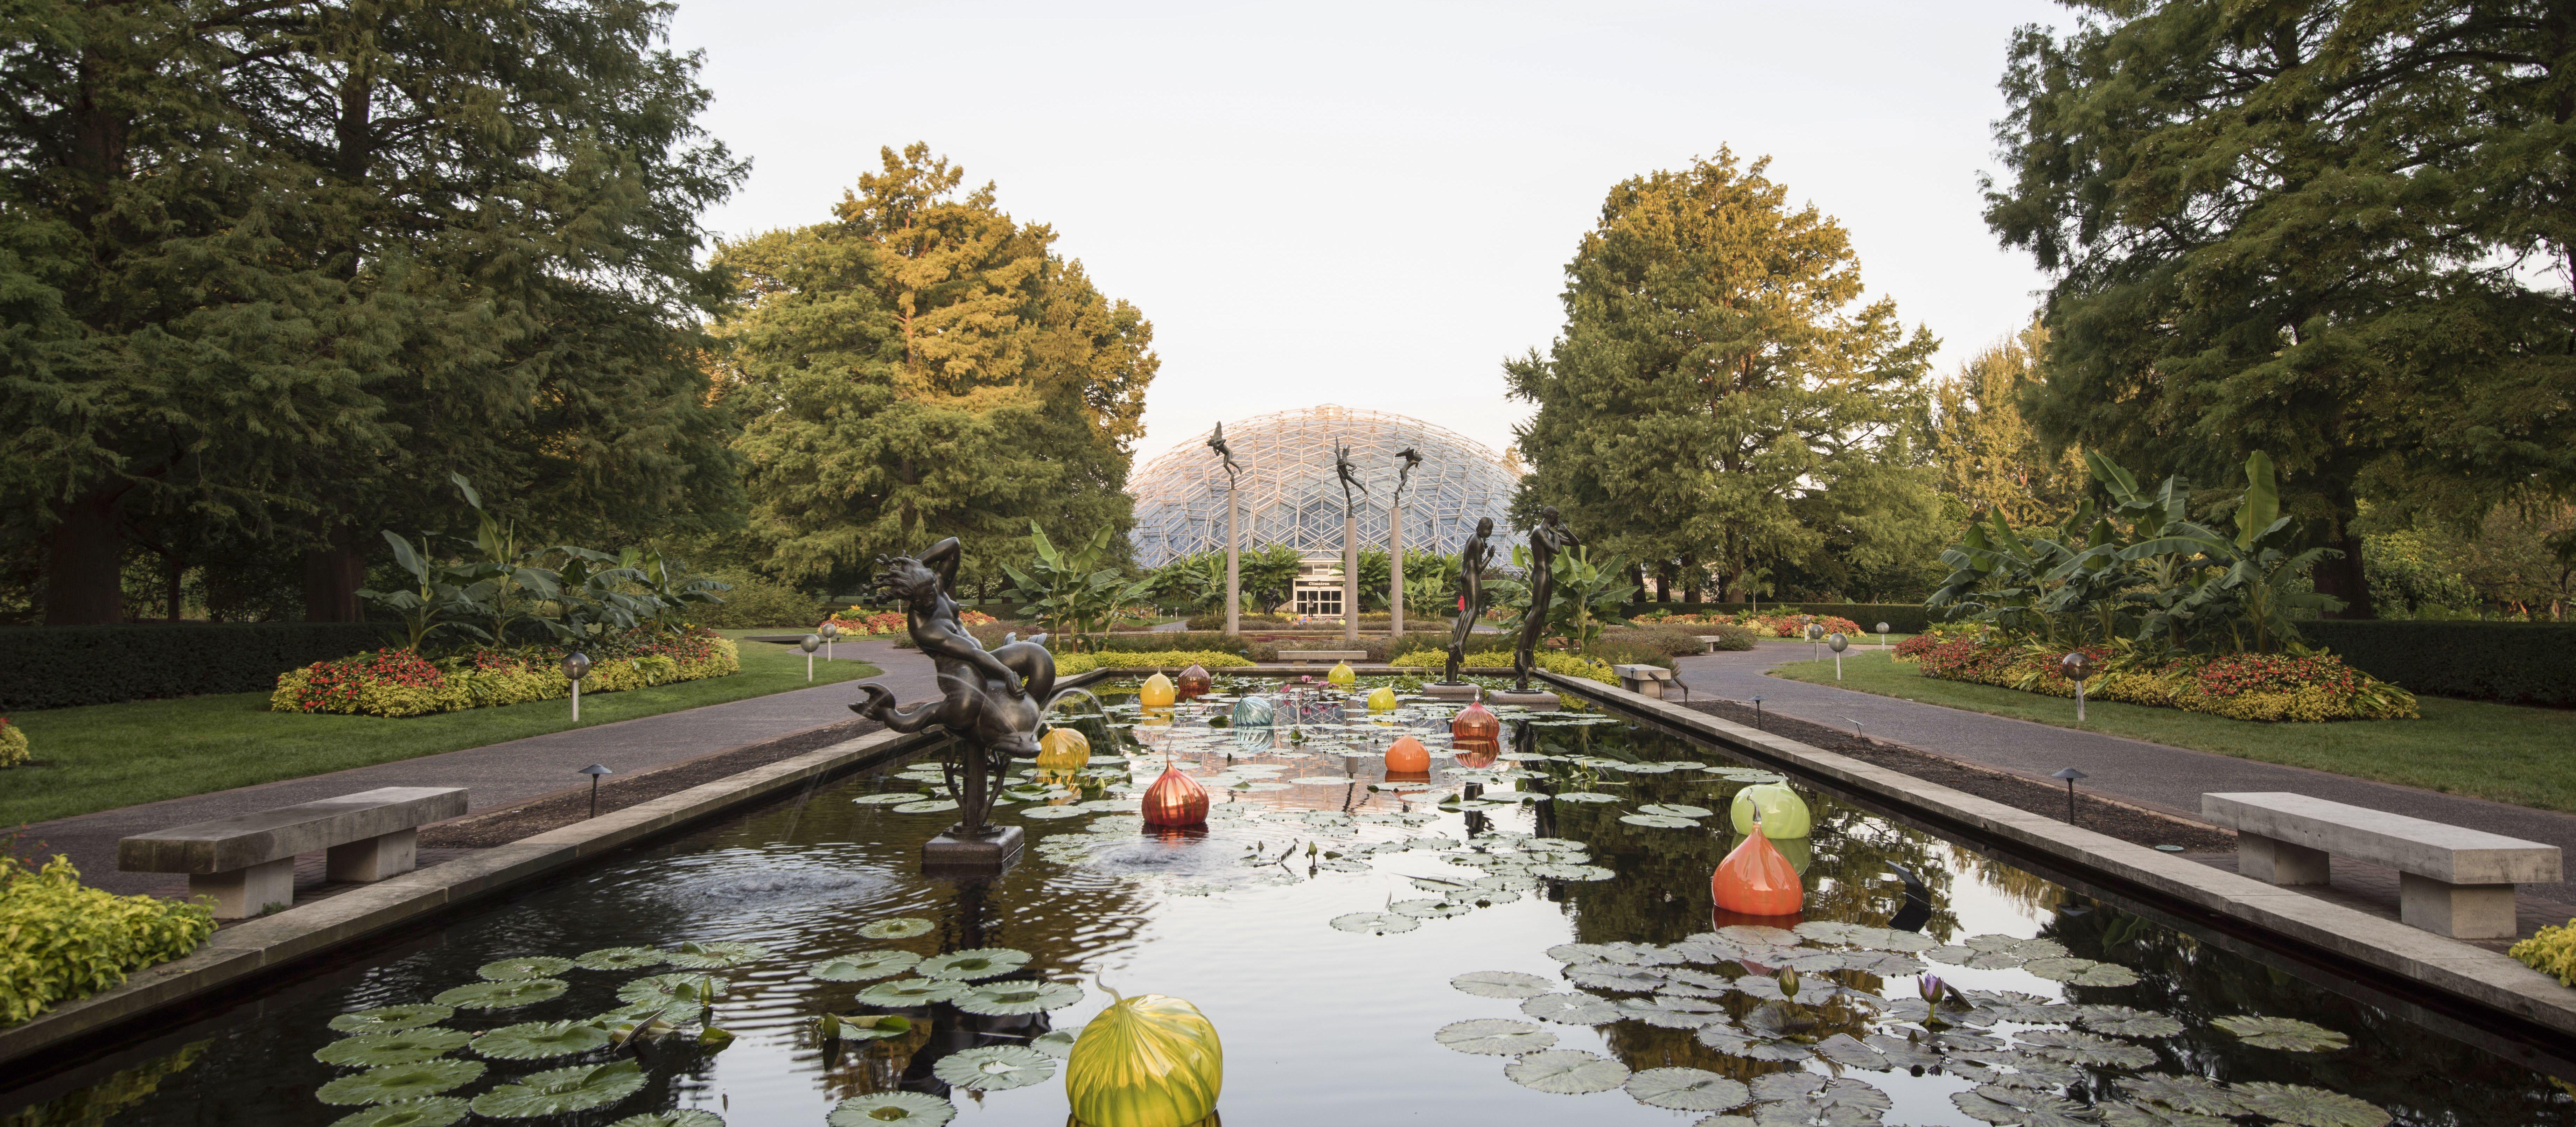 Der Missouri Botanical Garden - einer der größten botanischen Gärten der Welt